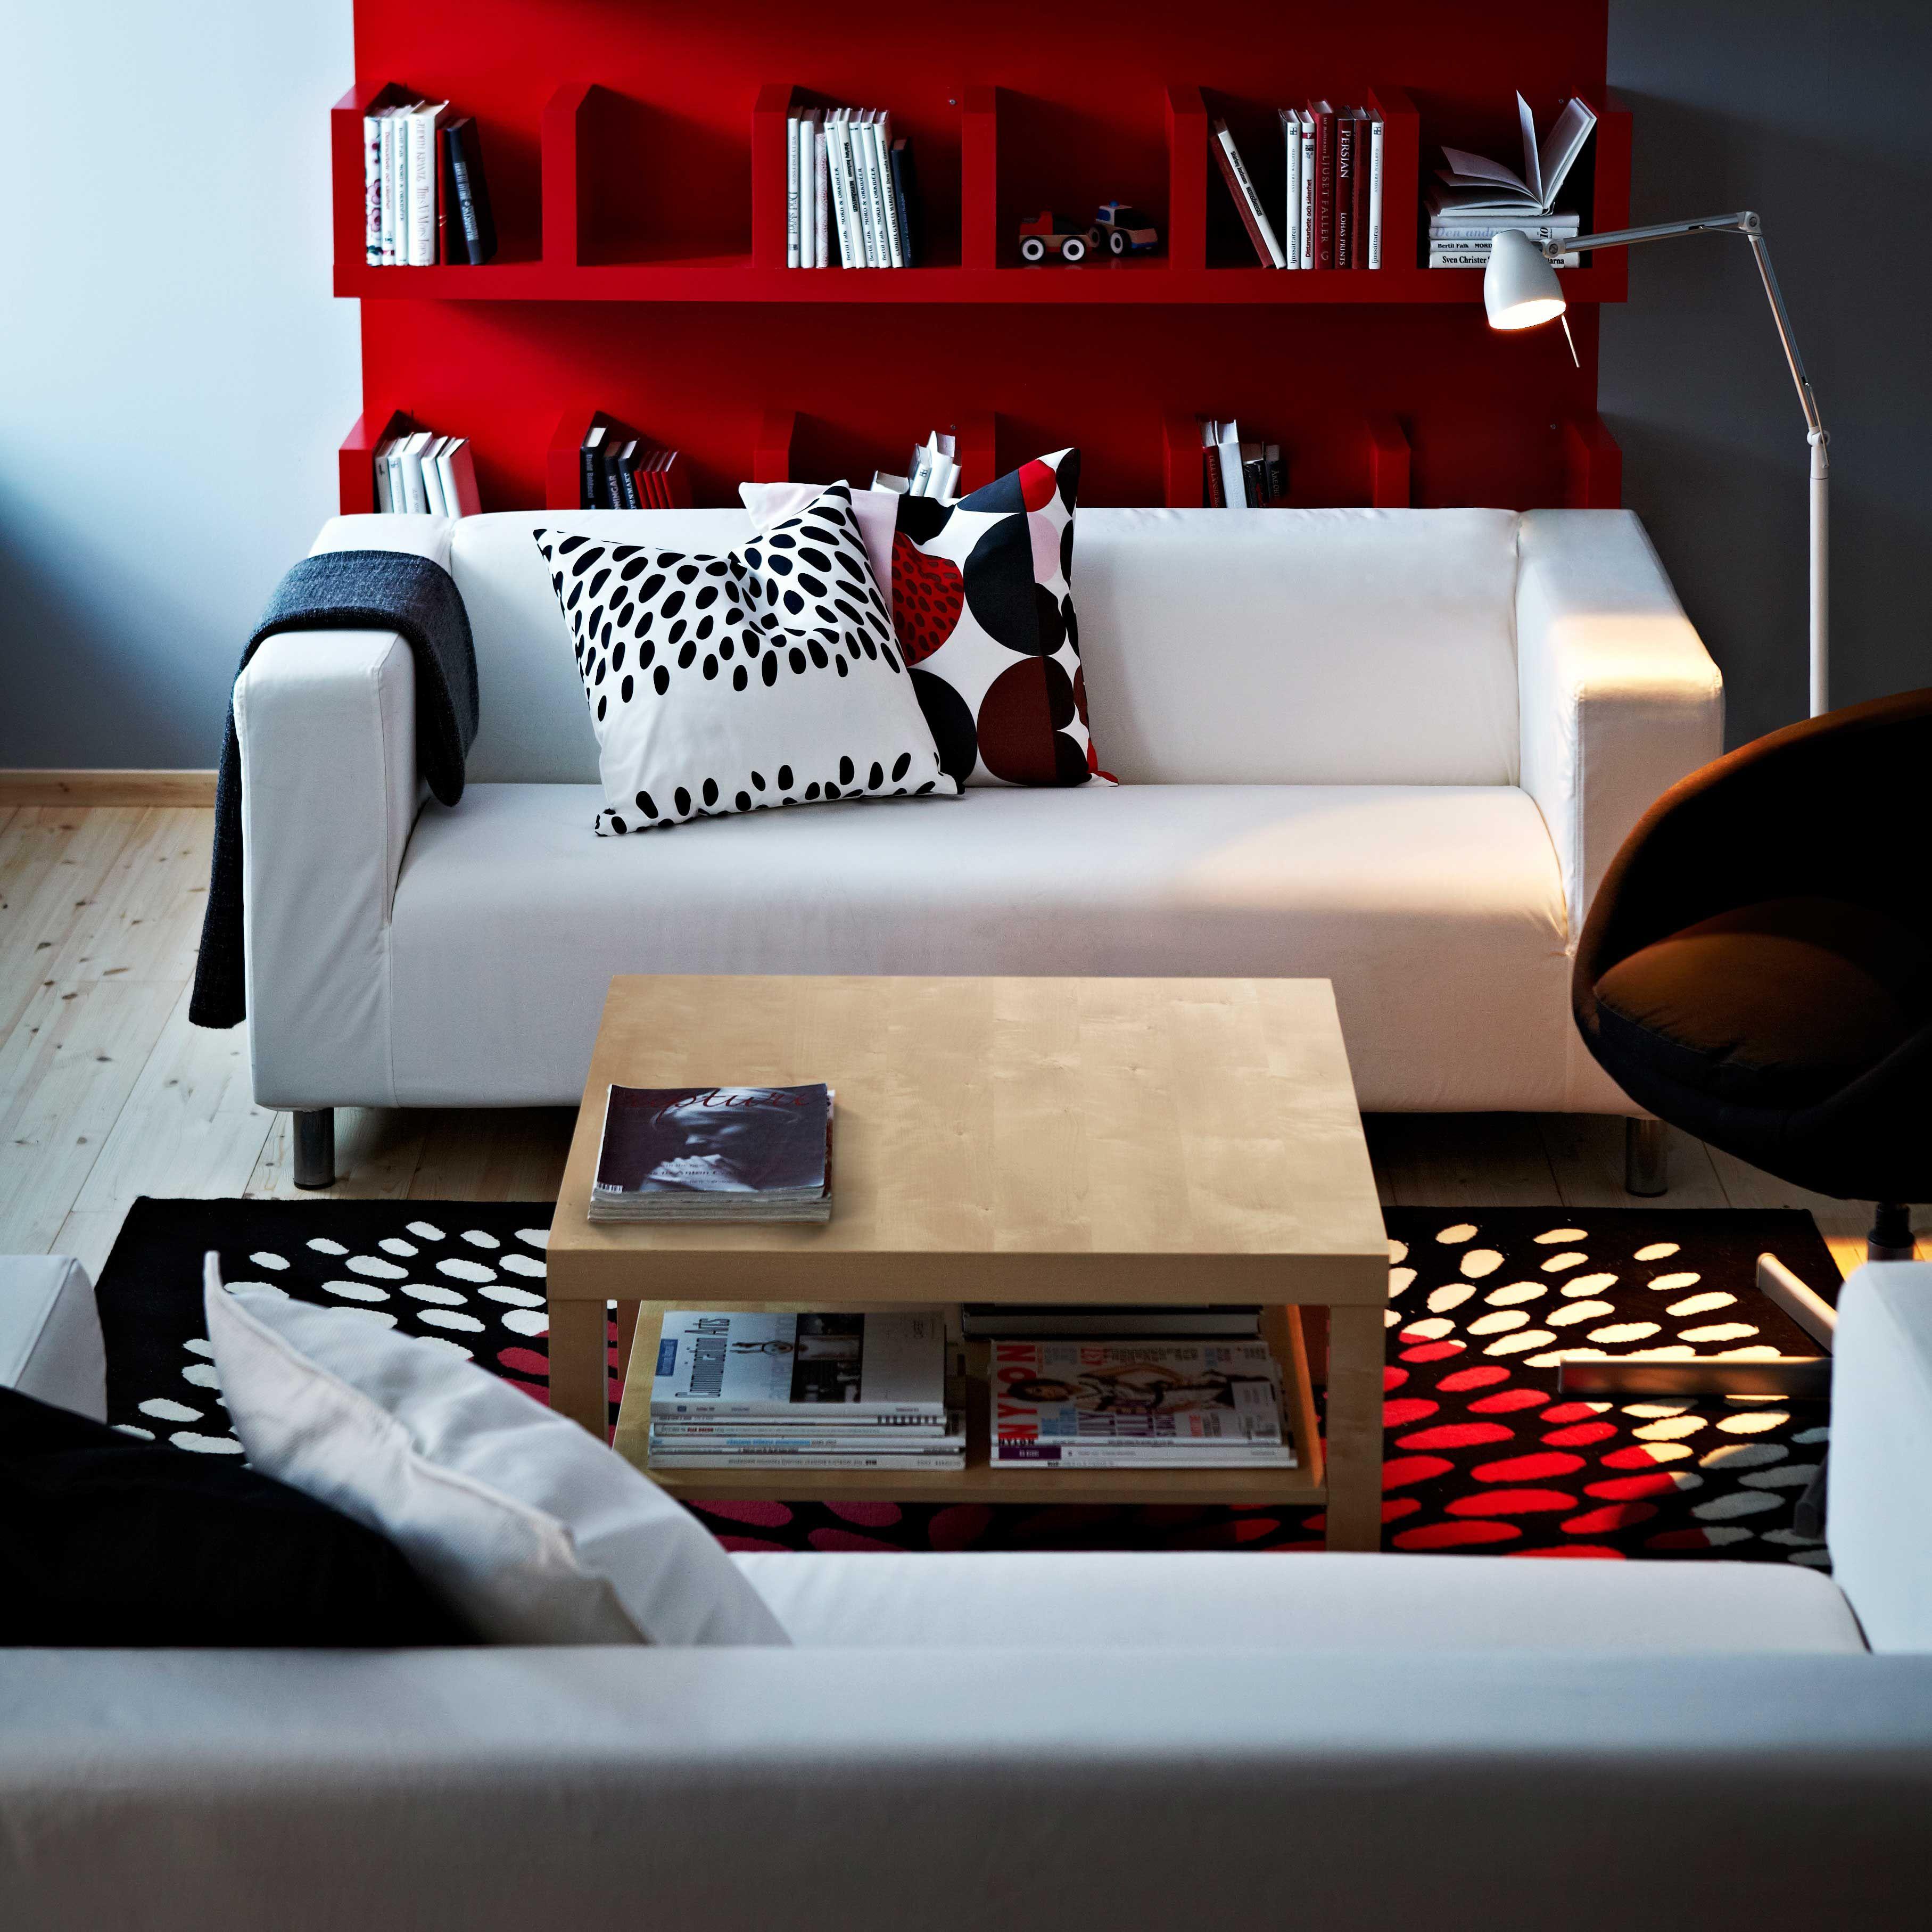 Ikea sterreich inspiration wohnzimmer sofa klippan for Hohenverstellbarer couchtisch ikea